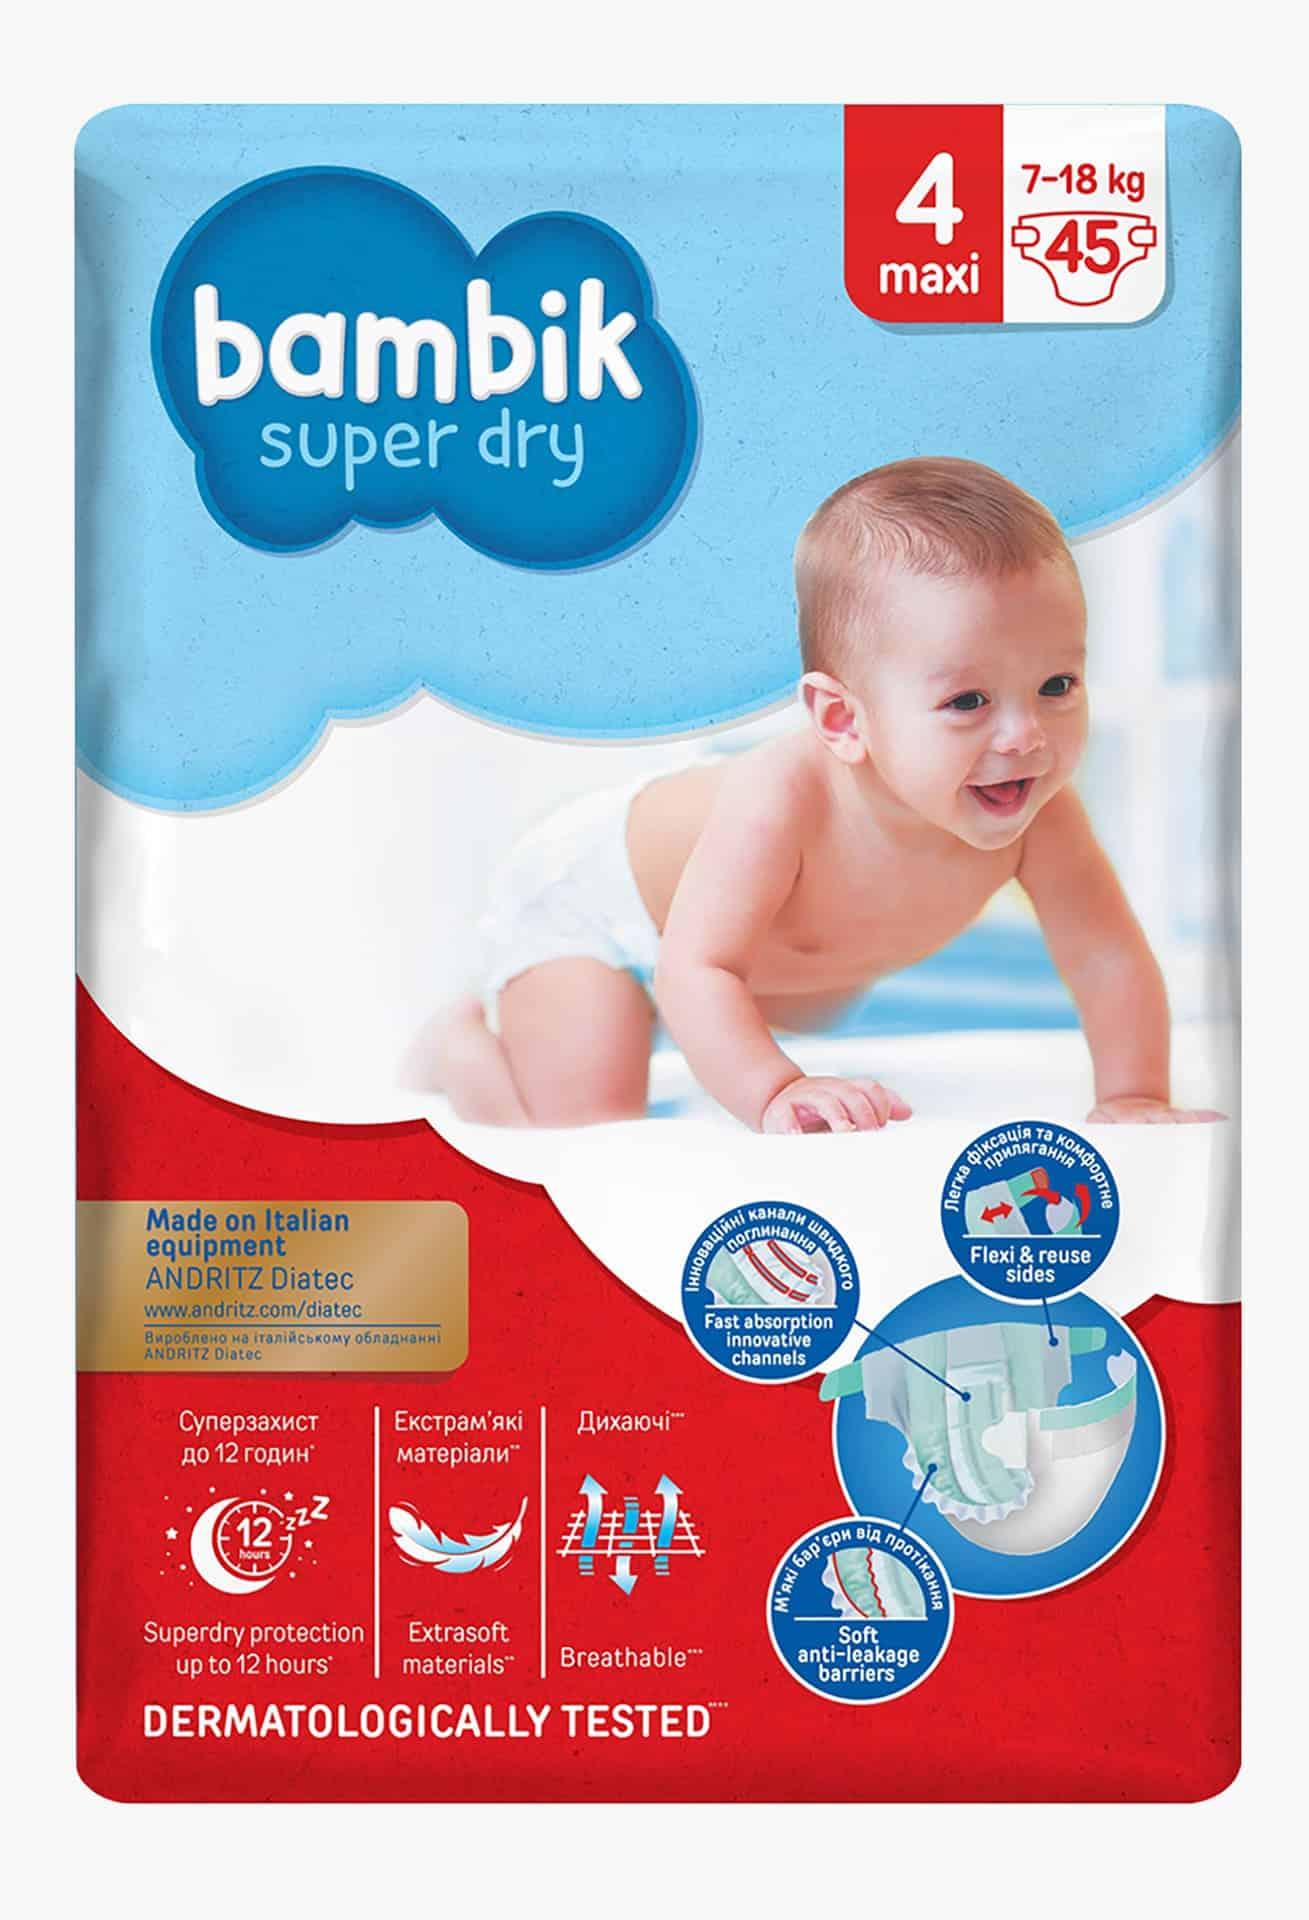 Bambik підгузки дитячі одноразові Jumbo (4) MAXI (7-18кг), 45шт.